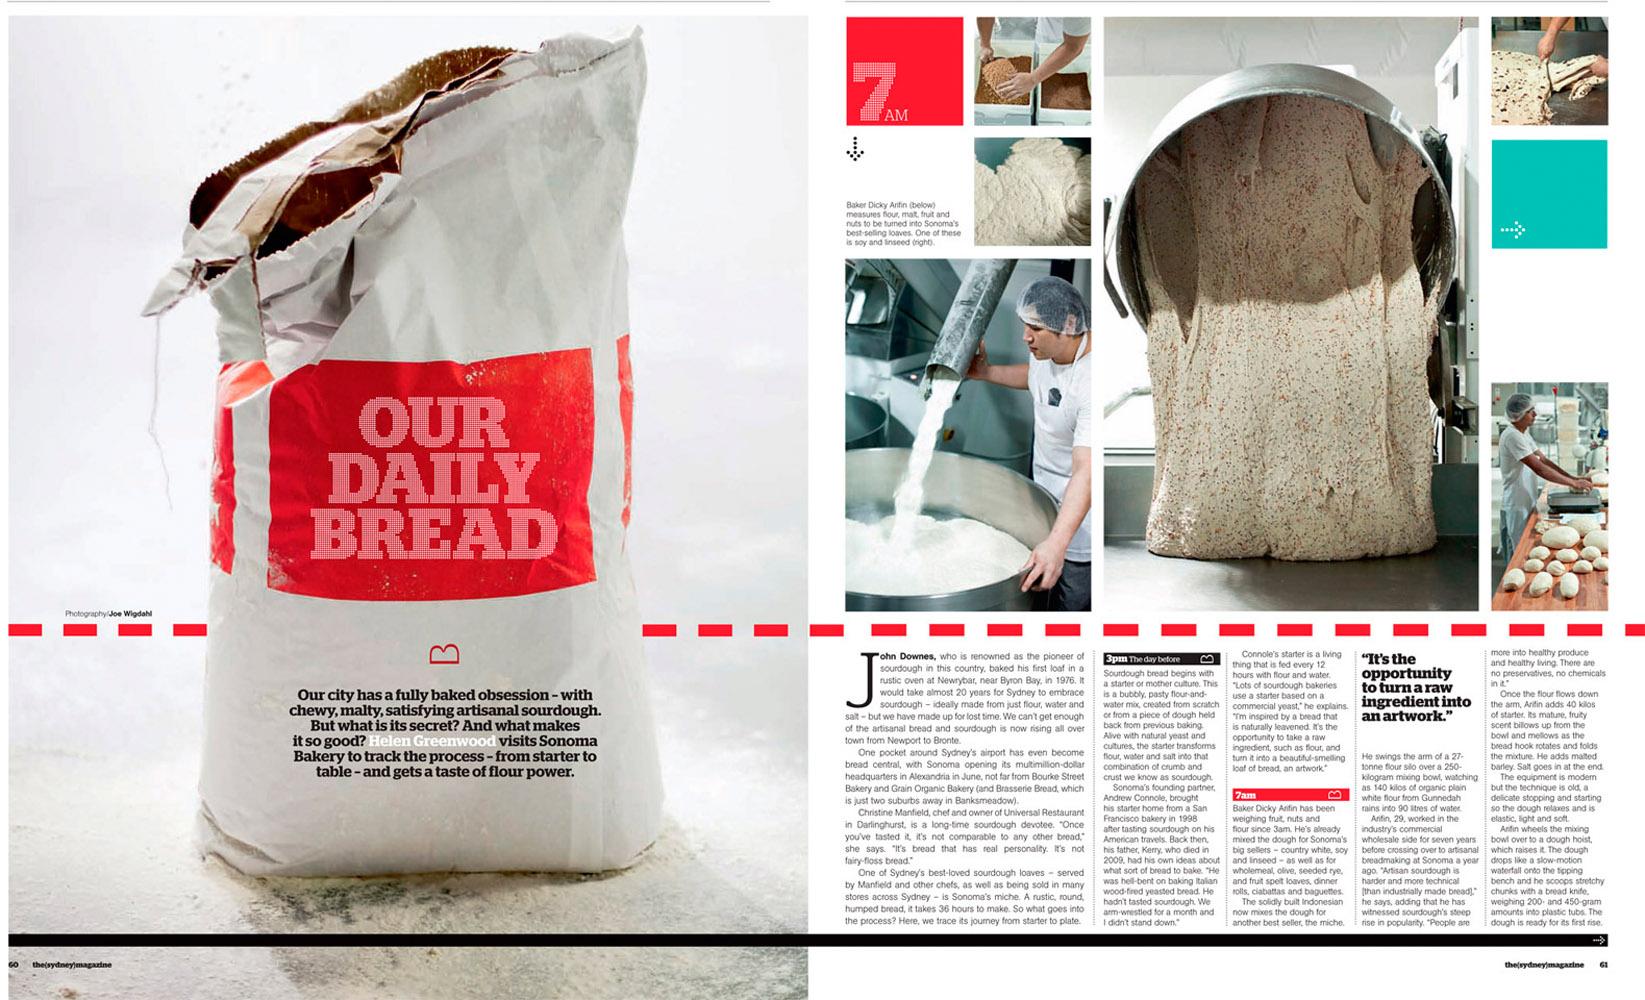 SydneyMag-Bread-1_lg.jpg